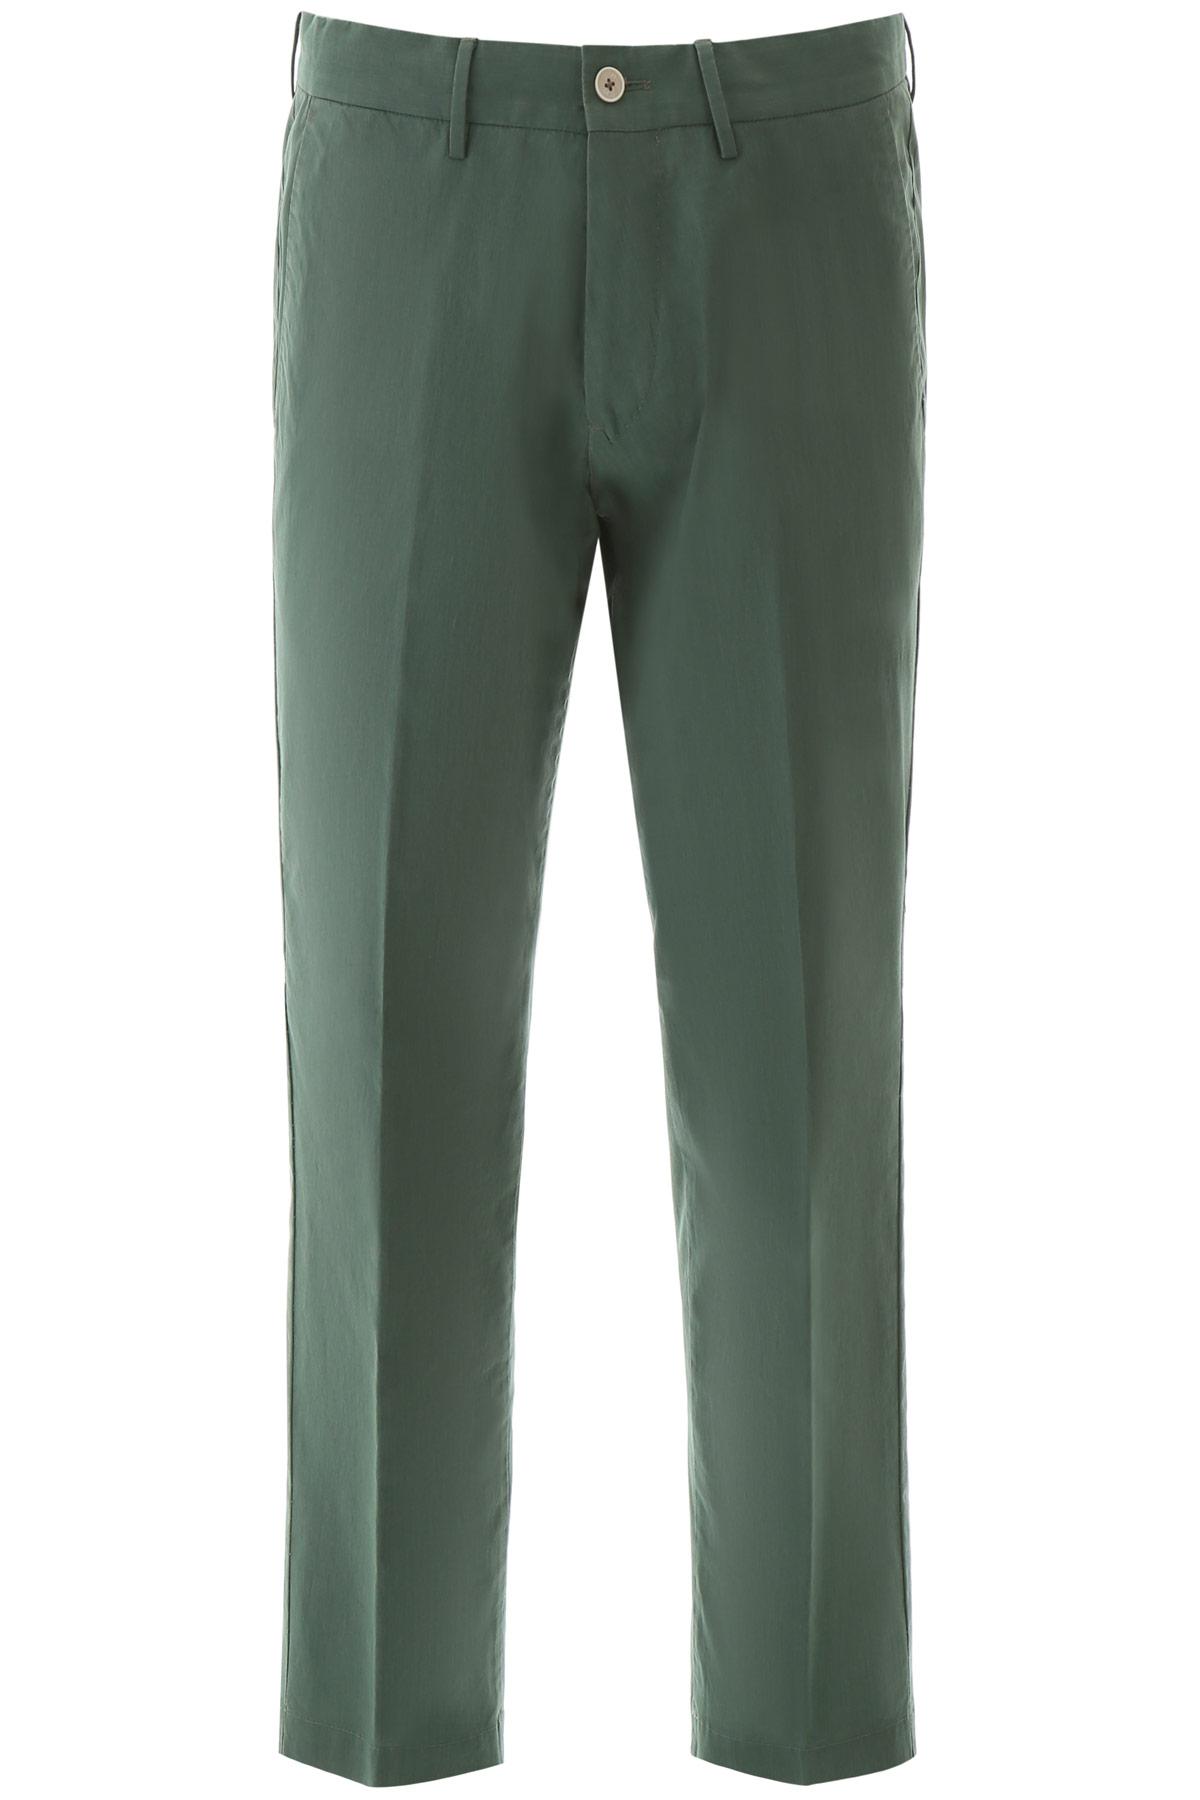 PT01 LARRY COTTON TROUSERS 52 Green Cotton